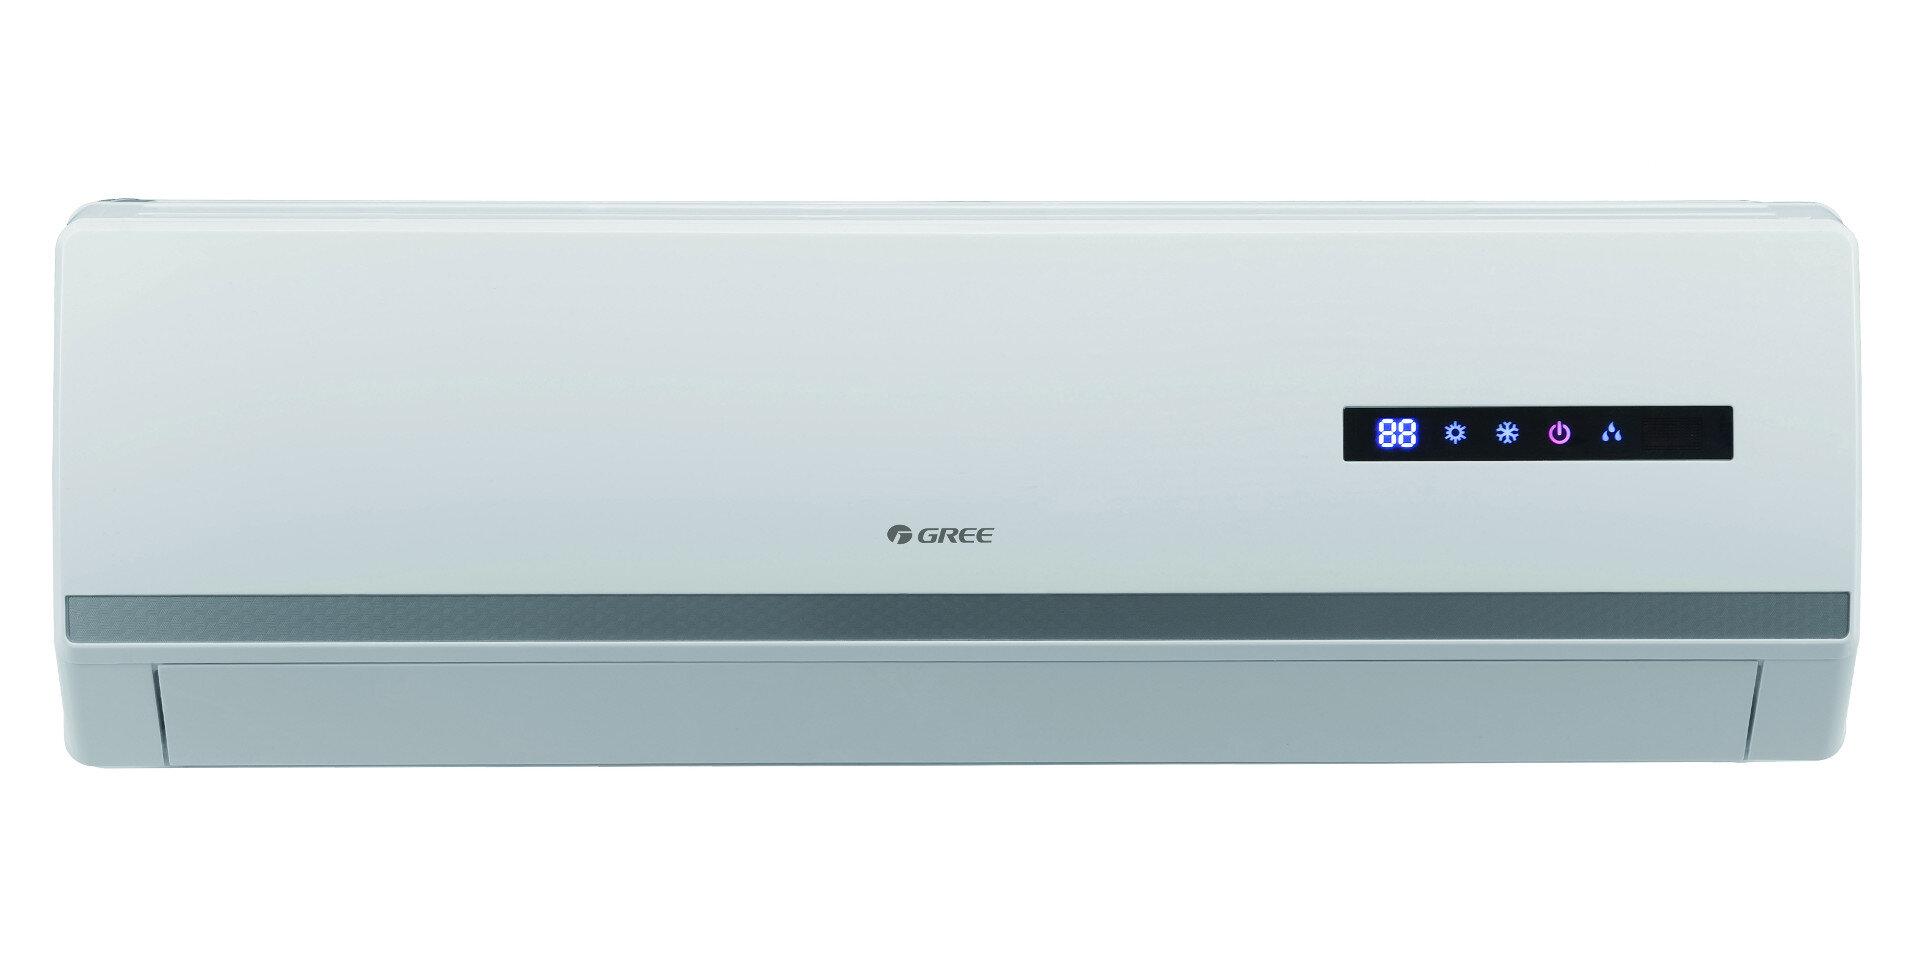 Điều hòa - Máy lạnh Gree GWH12MA-K3DNC2I - 2 chiều, Inverter